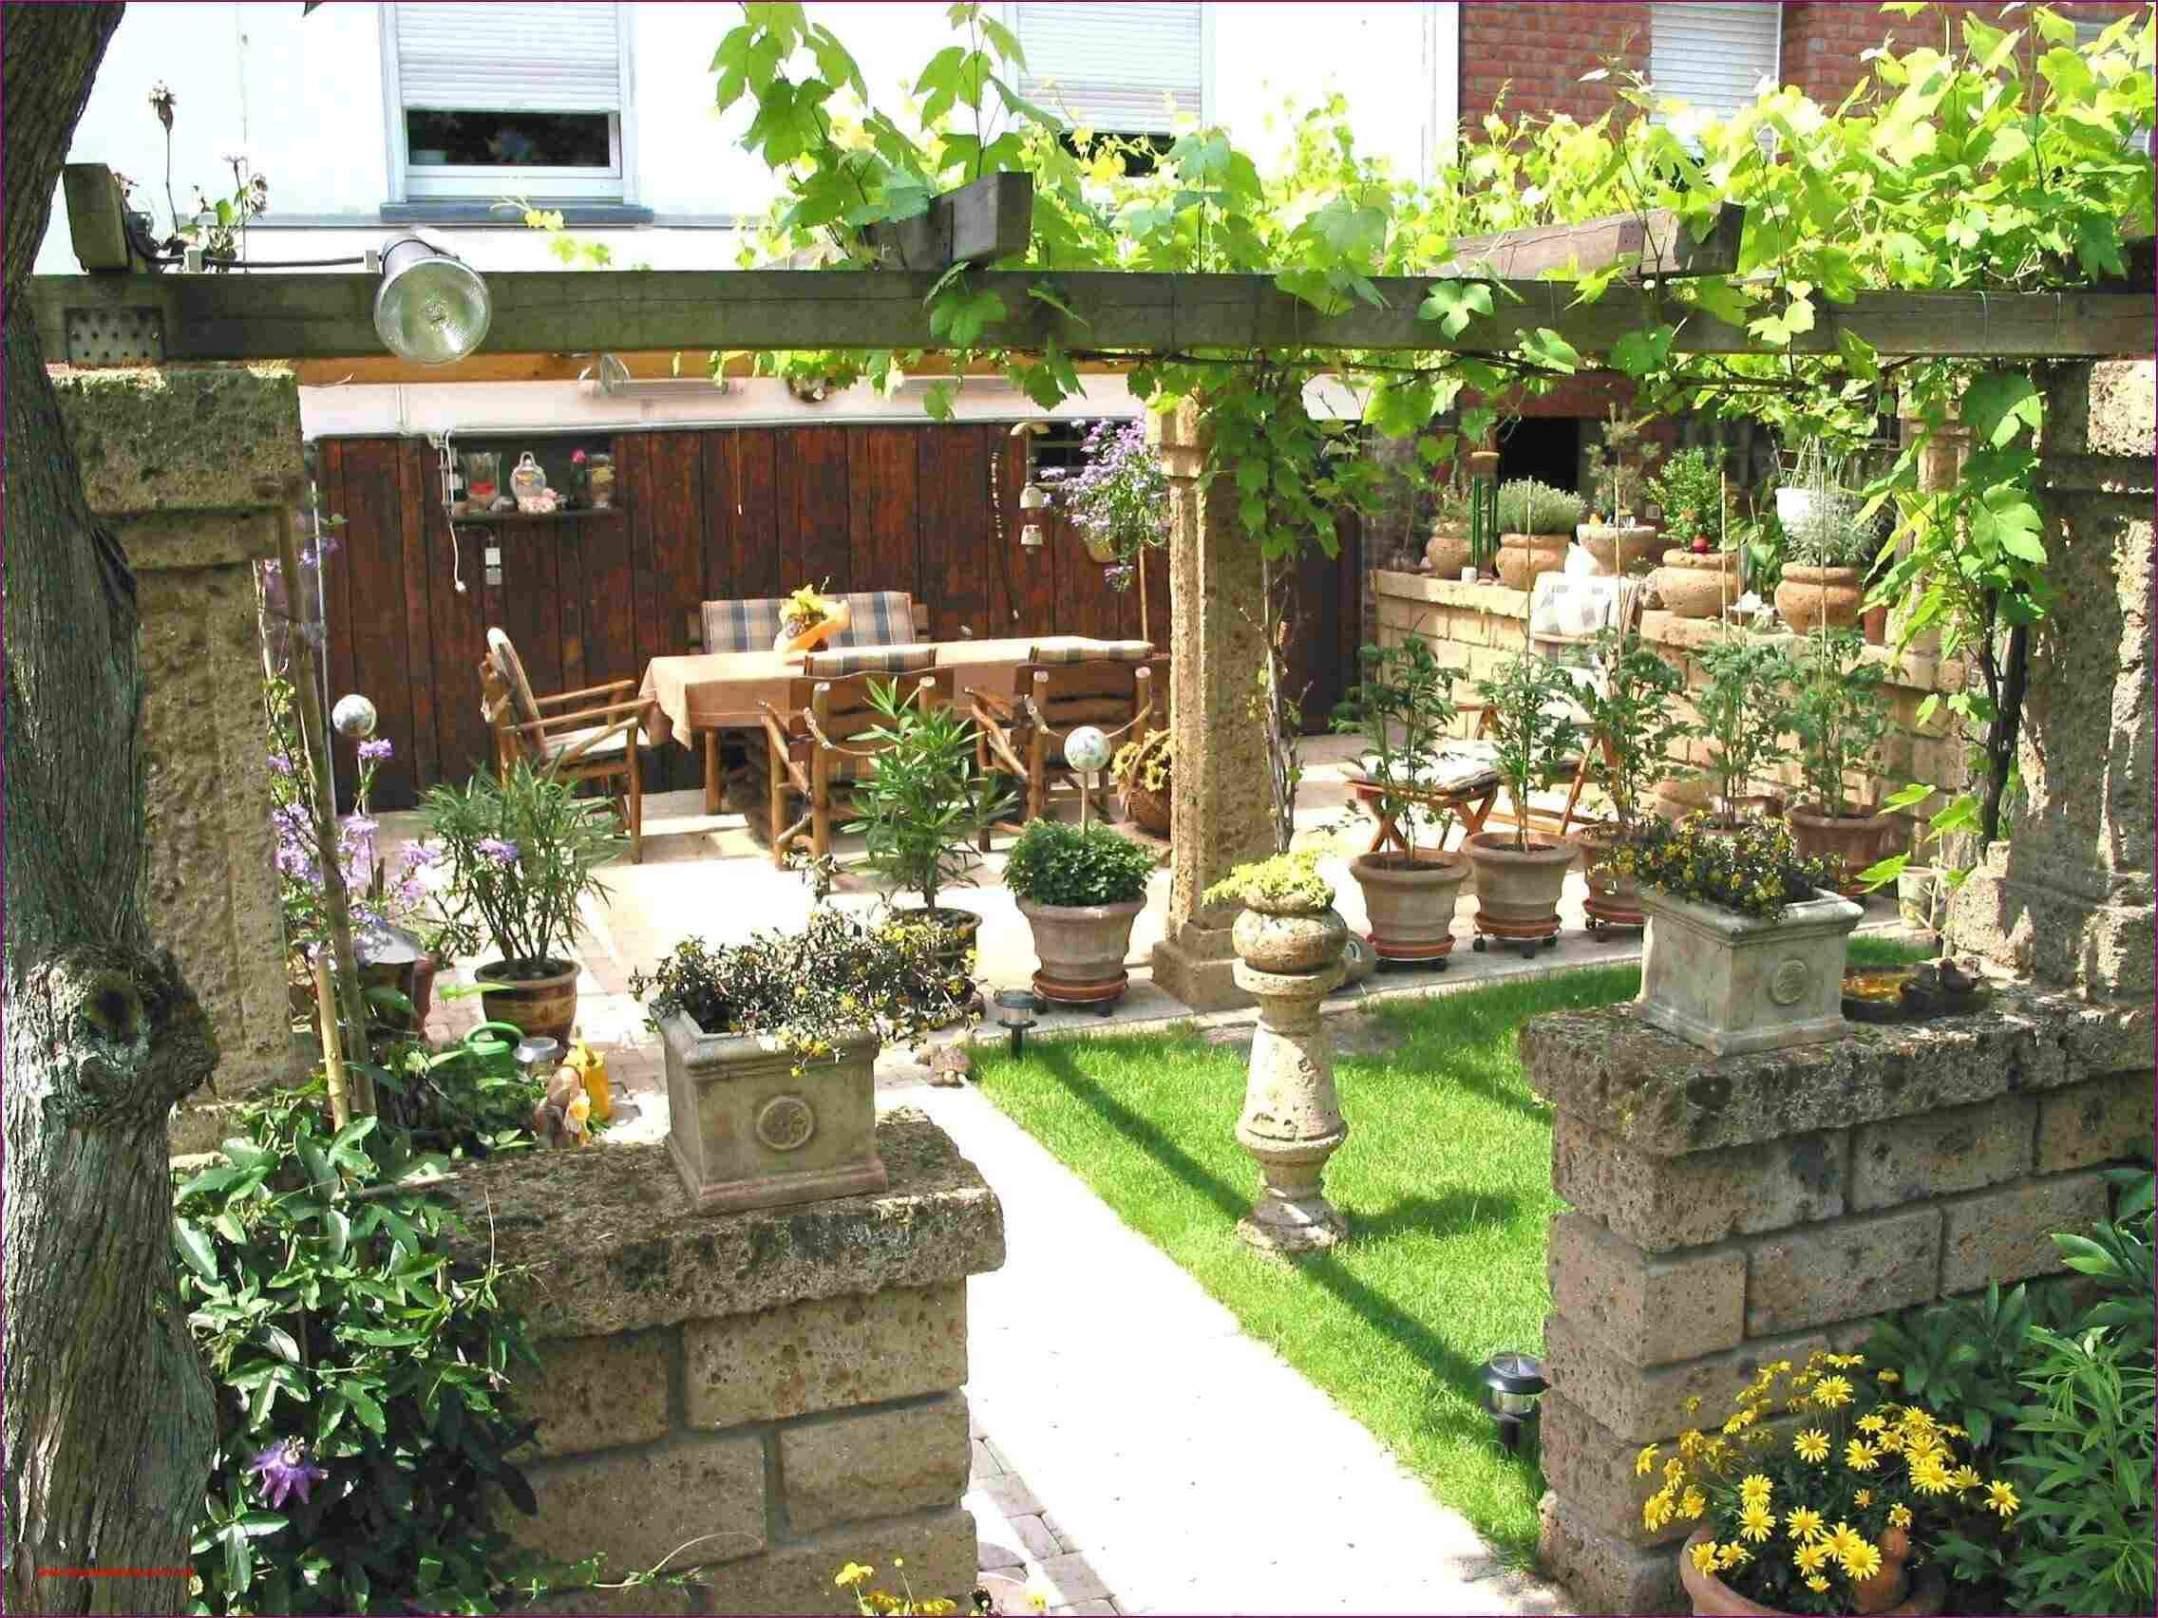 42 luxus hohe pflanzen als sichtschutz grafik hohe pflanzen als sichtschutz hohe pflanzen als sichtschutz